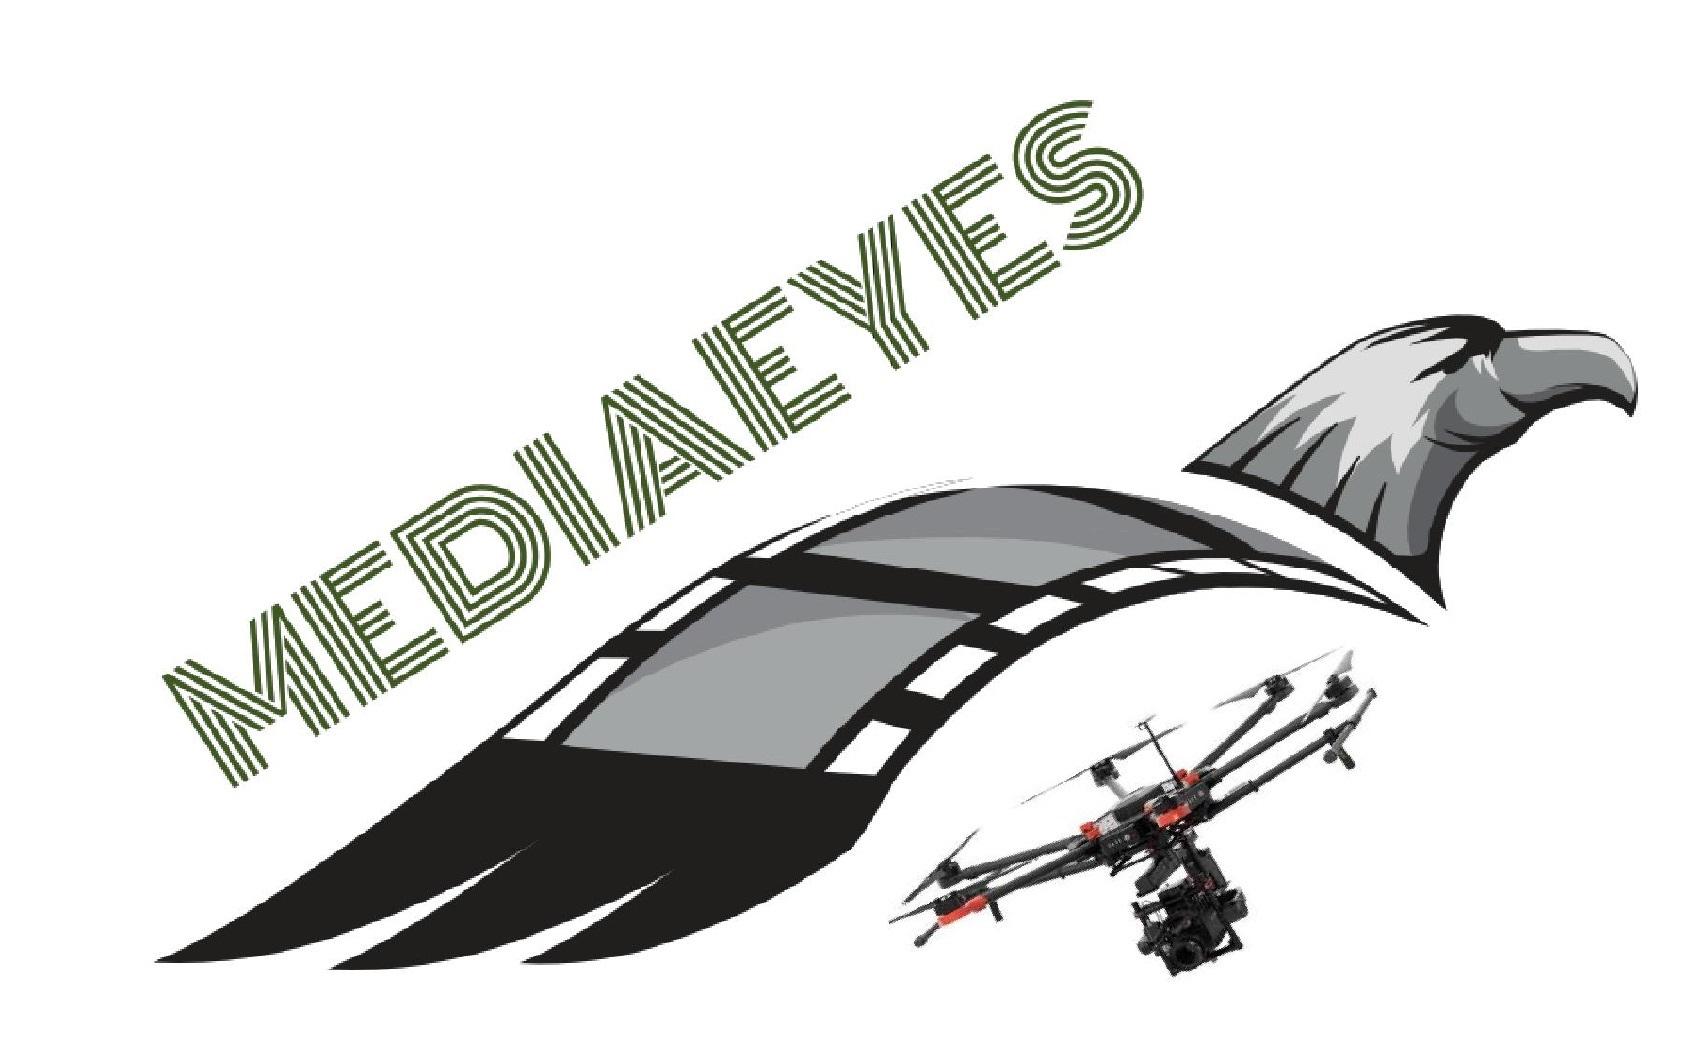 mediaeyes